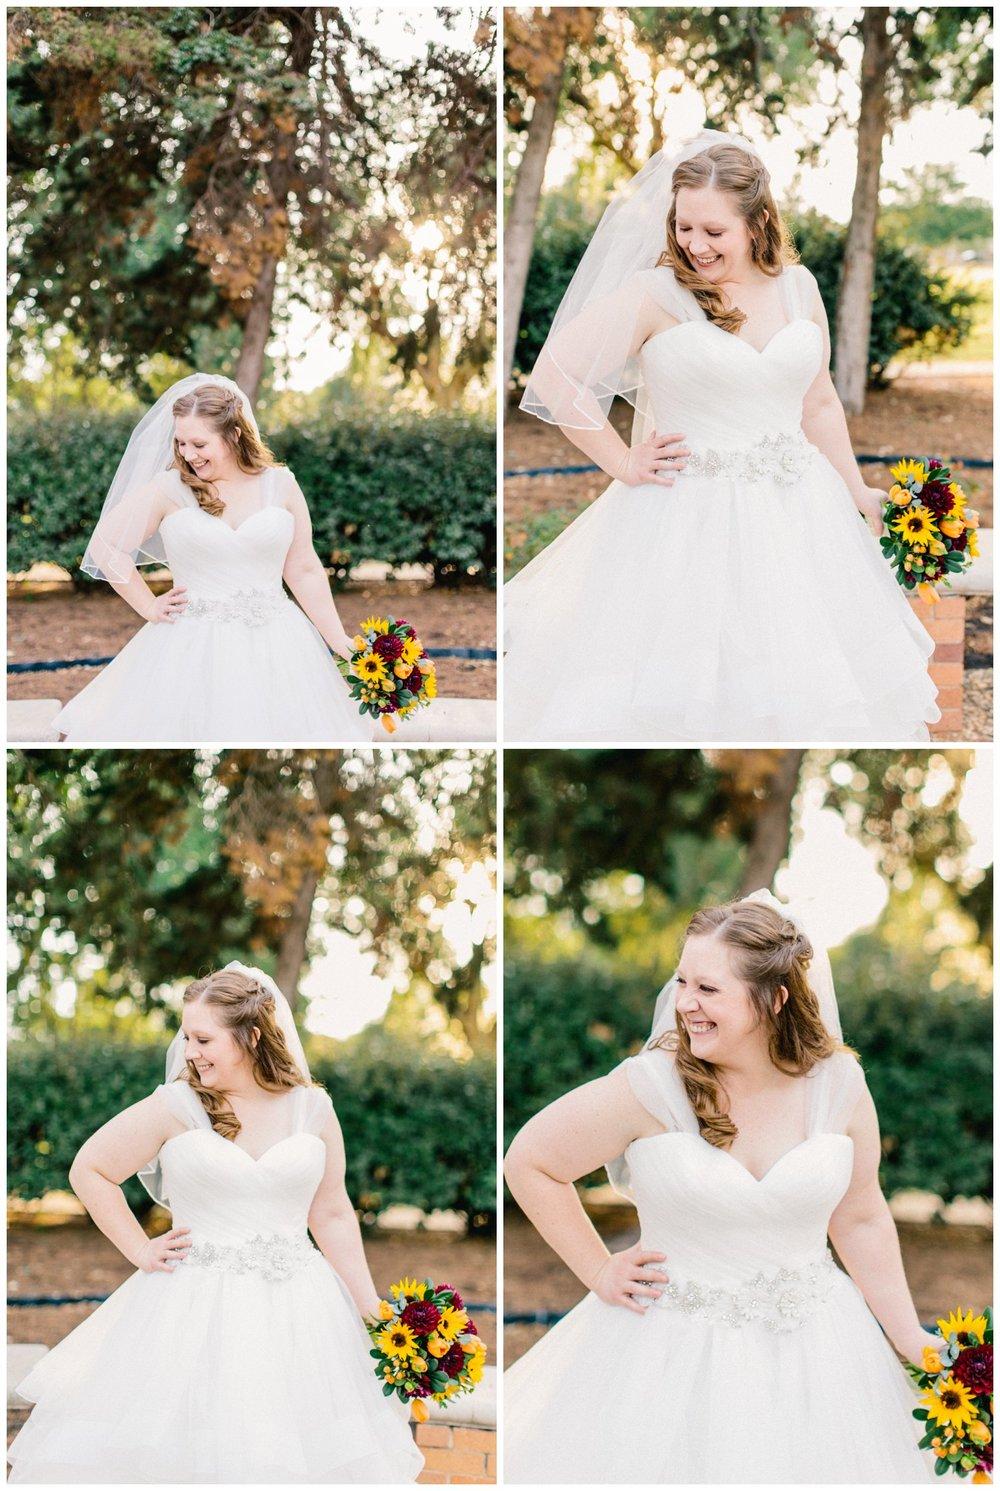 Kamie_Lubbock arboretum bridal portraits_17.jpg